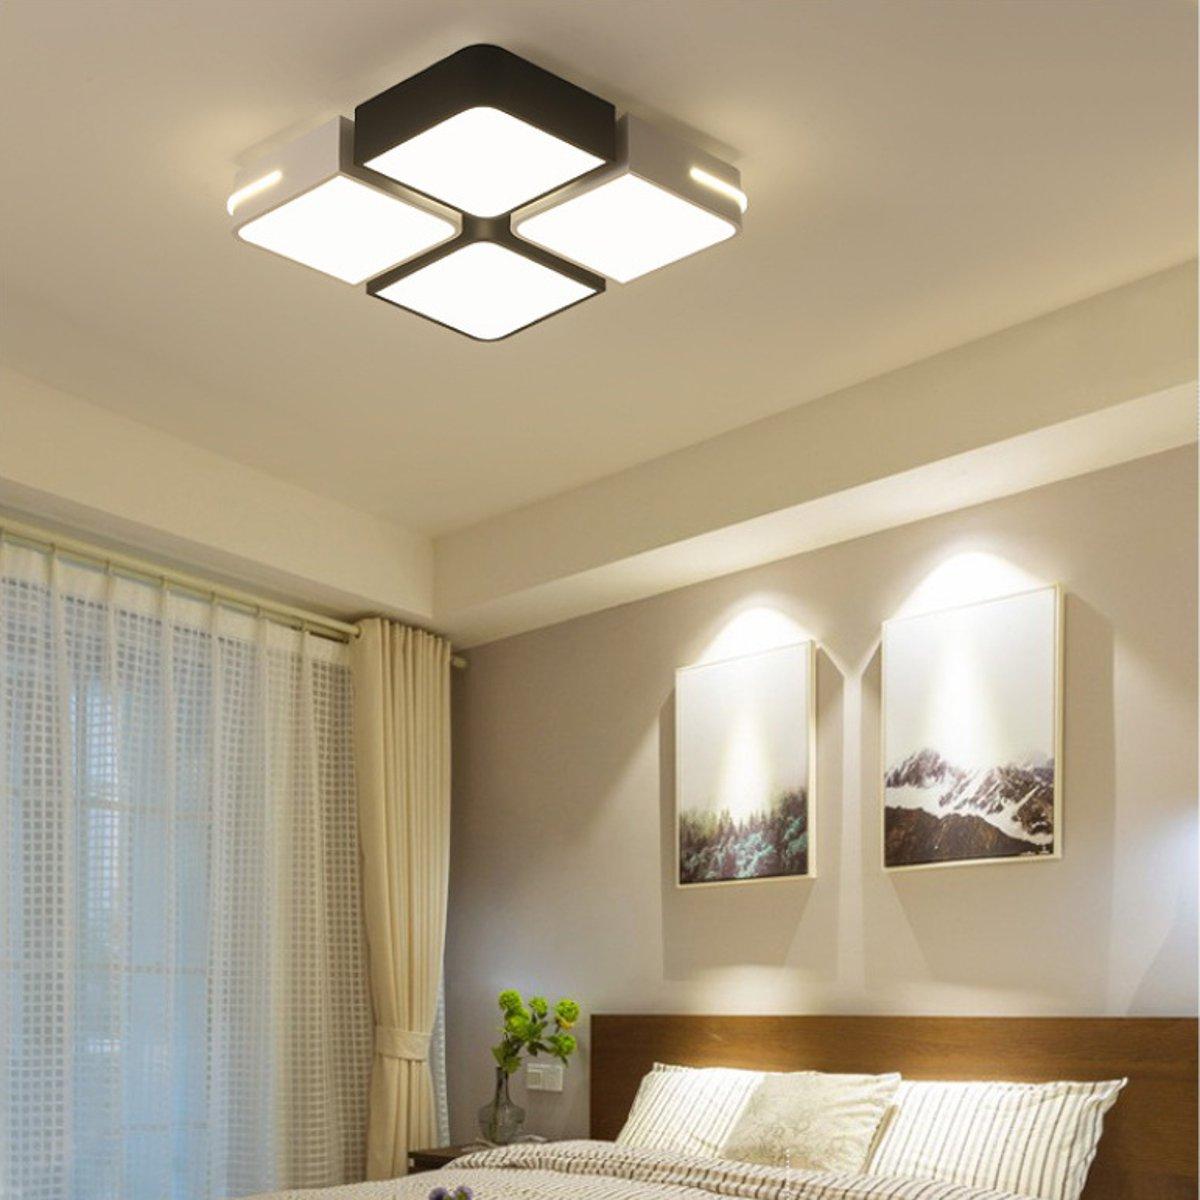 Вт Акриловые LED Потолочный Светильник Кулон Люстра Лампа Спальня Dimmable Светильник Декор 220 В